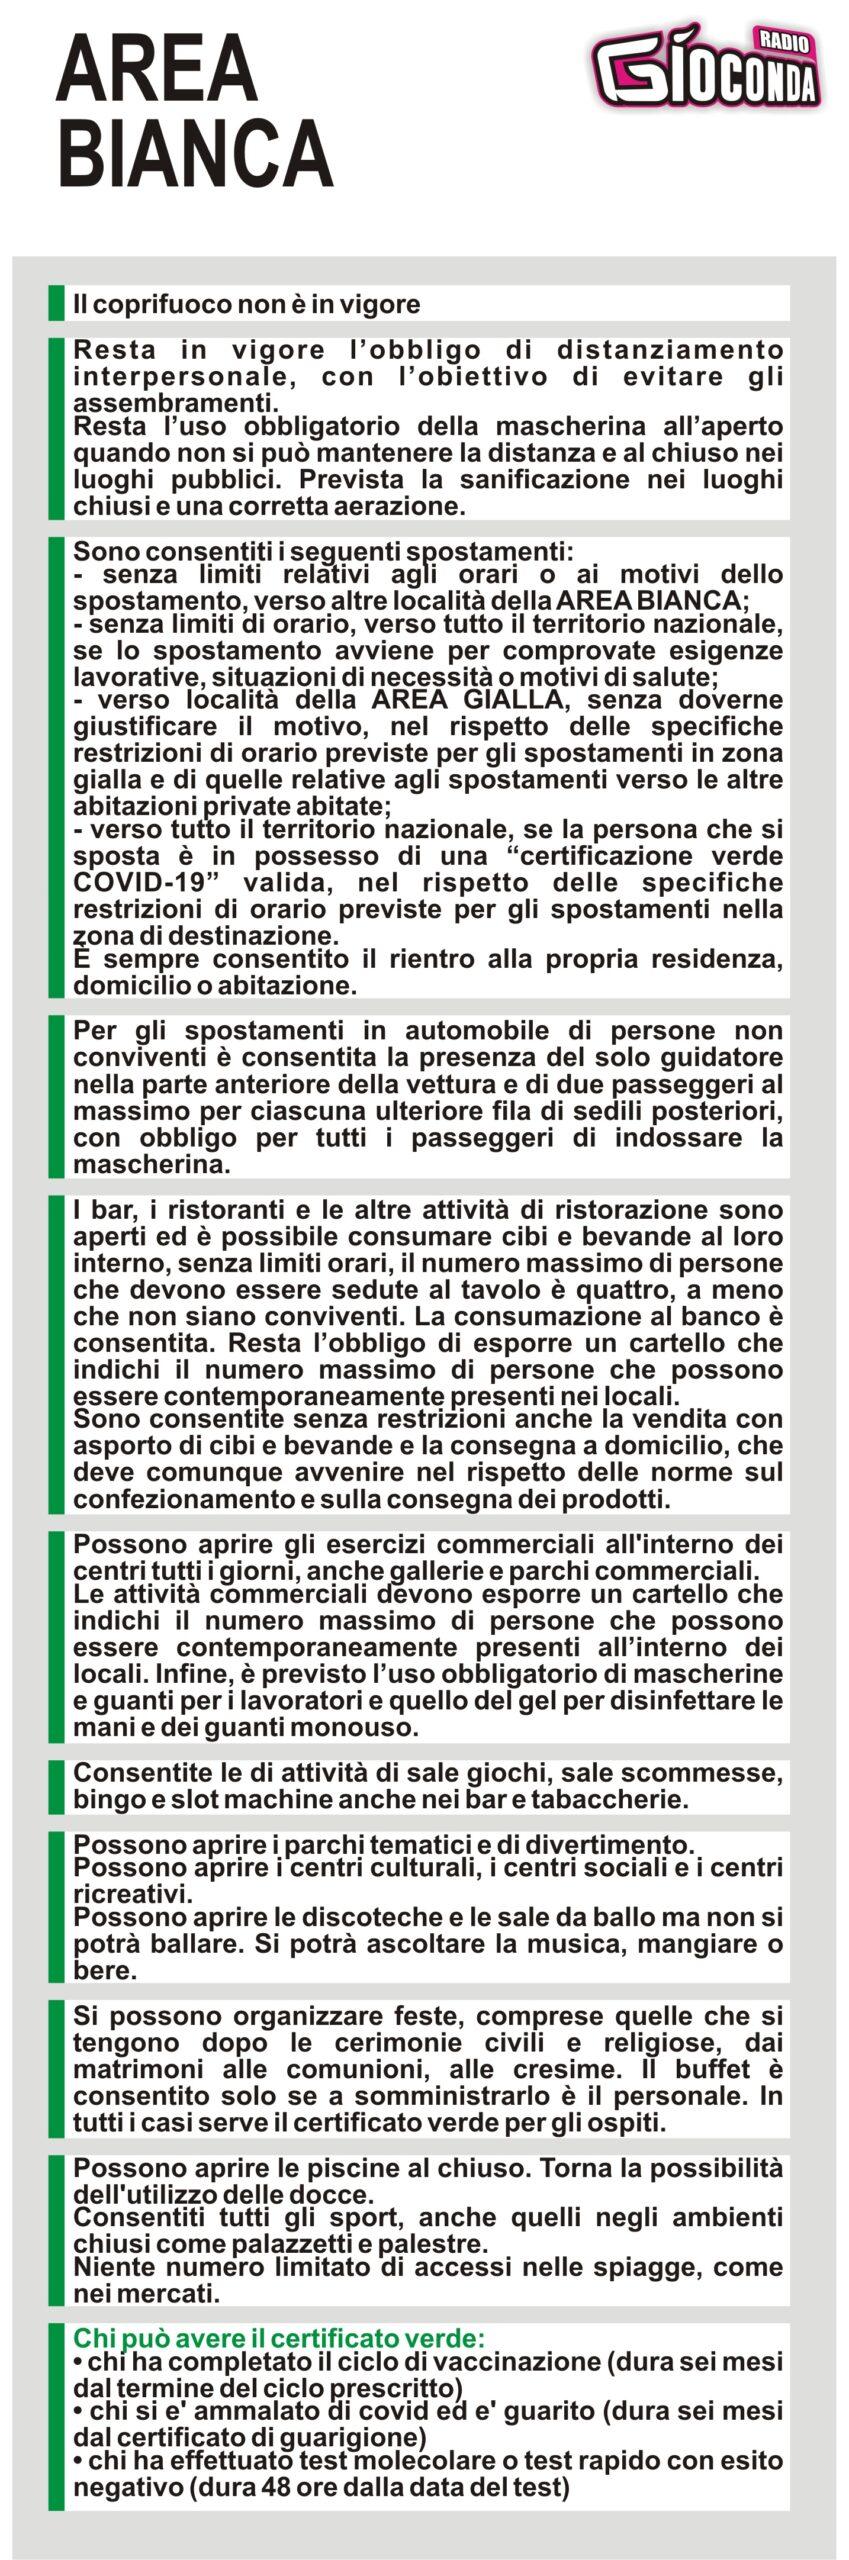 Il Friuli Venezia Giulia è in ZONA BIANCA #covid19 #covid #regionefriuliveneziagiulia